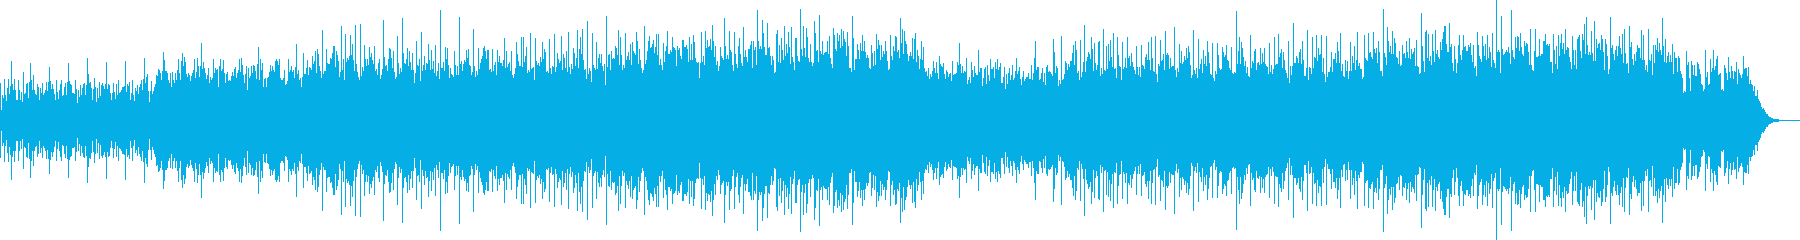 エキゾチックな雰囲気のアンビエントBGMの再生済みの波形